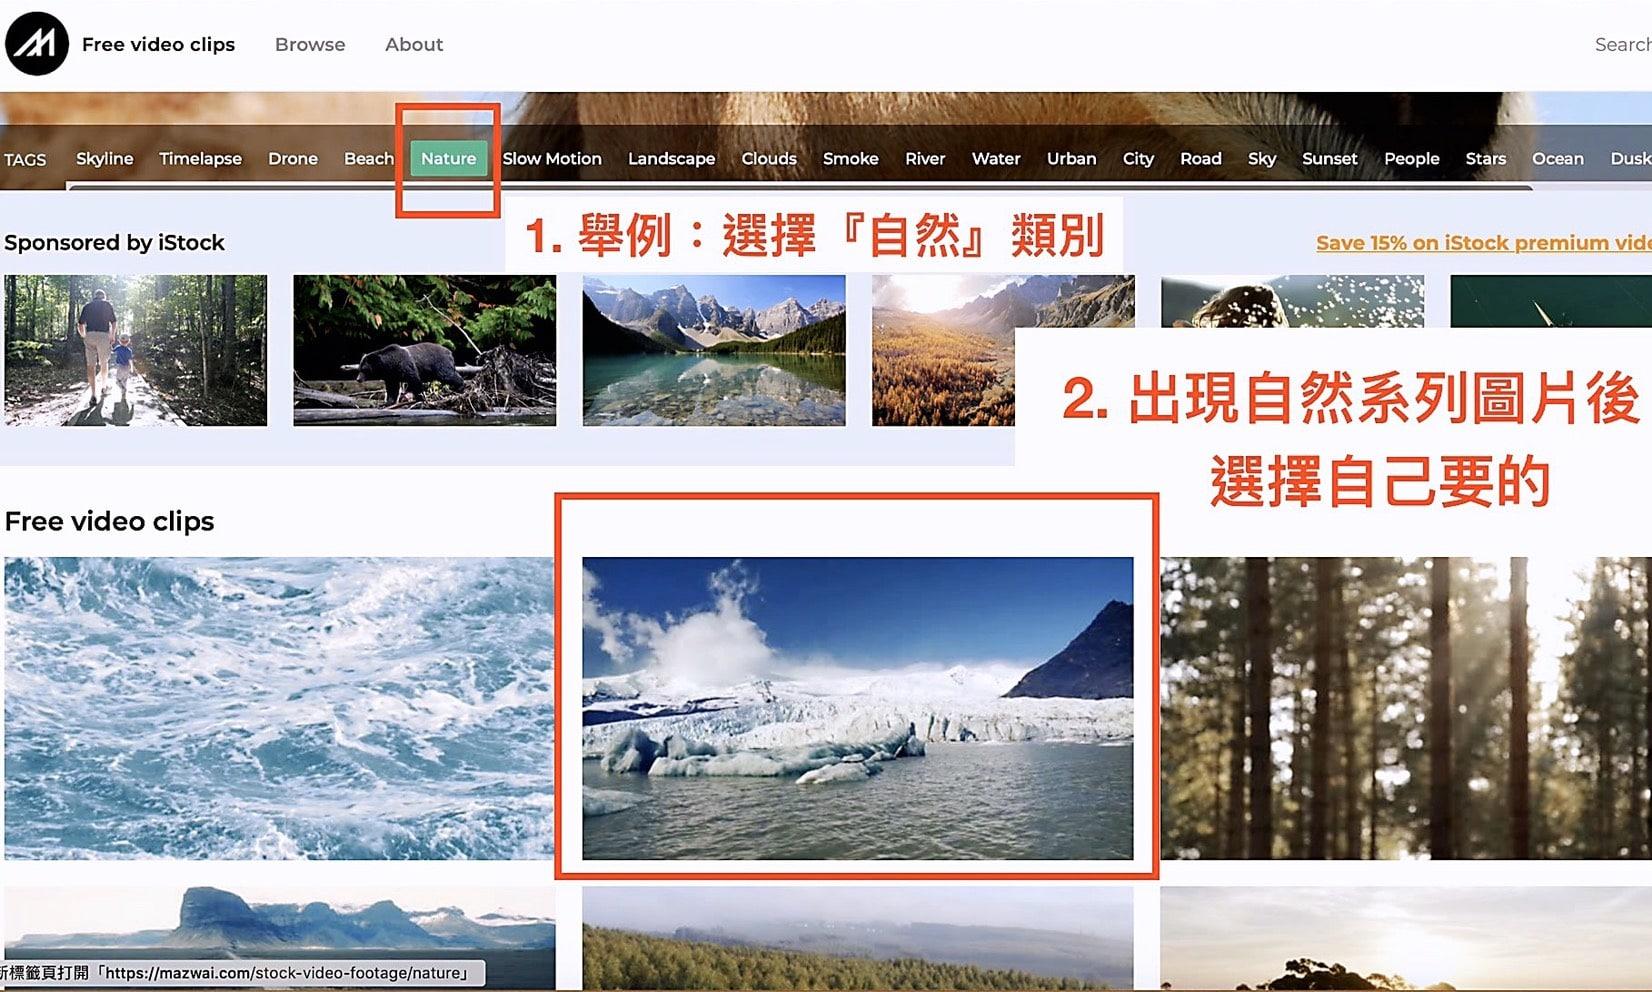 mazwai.com